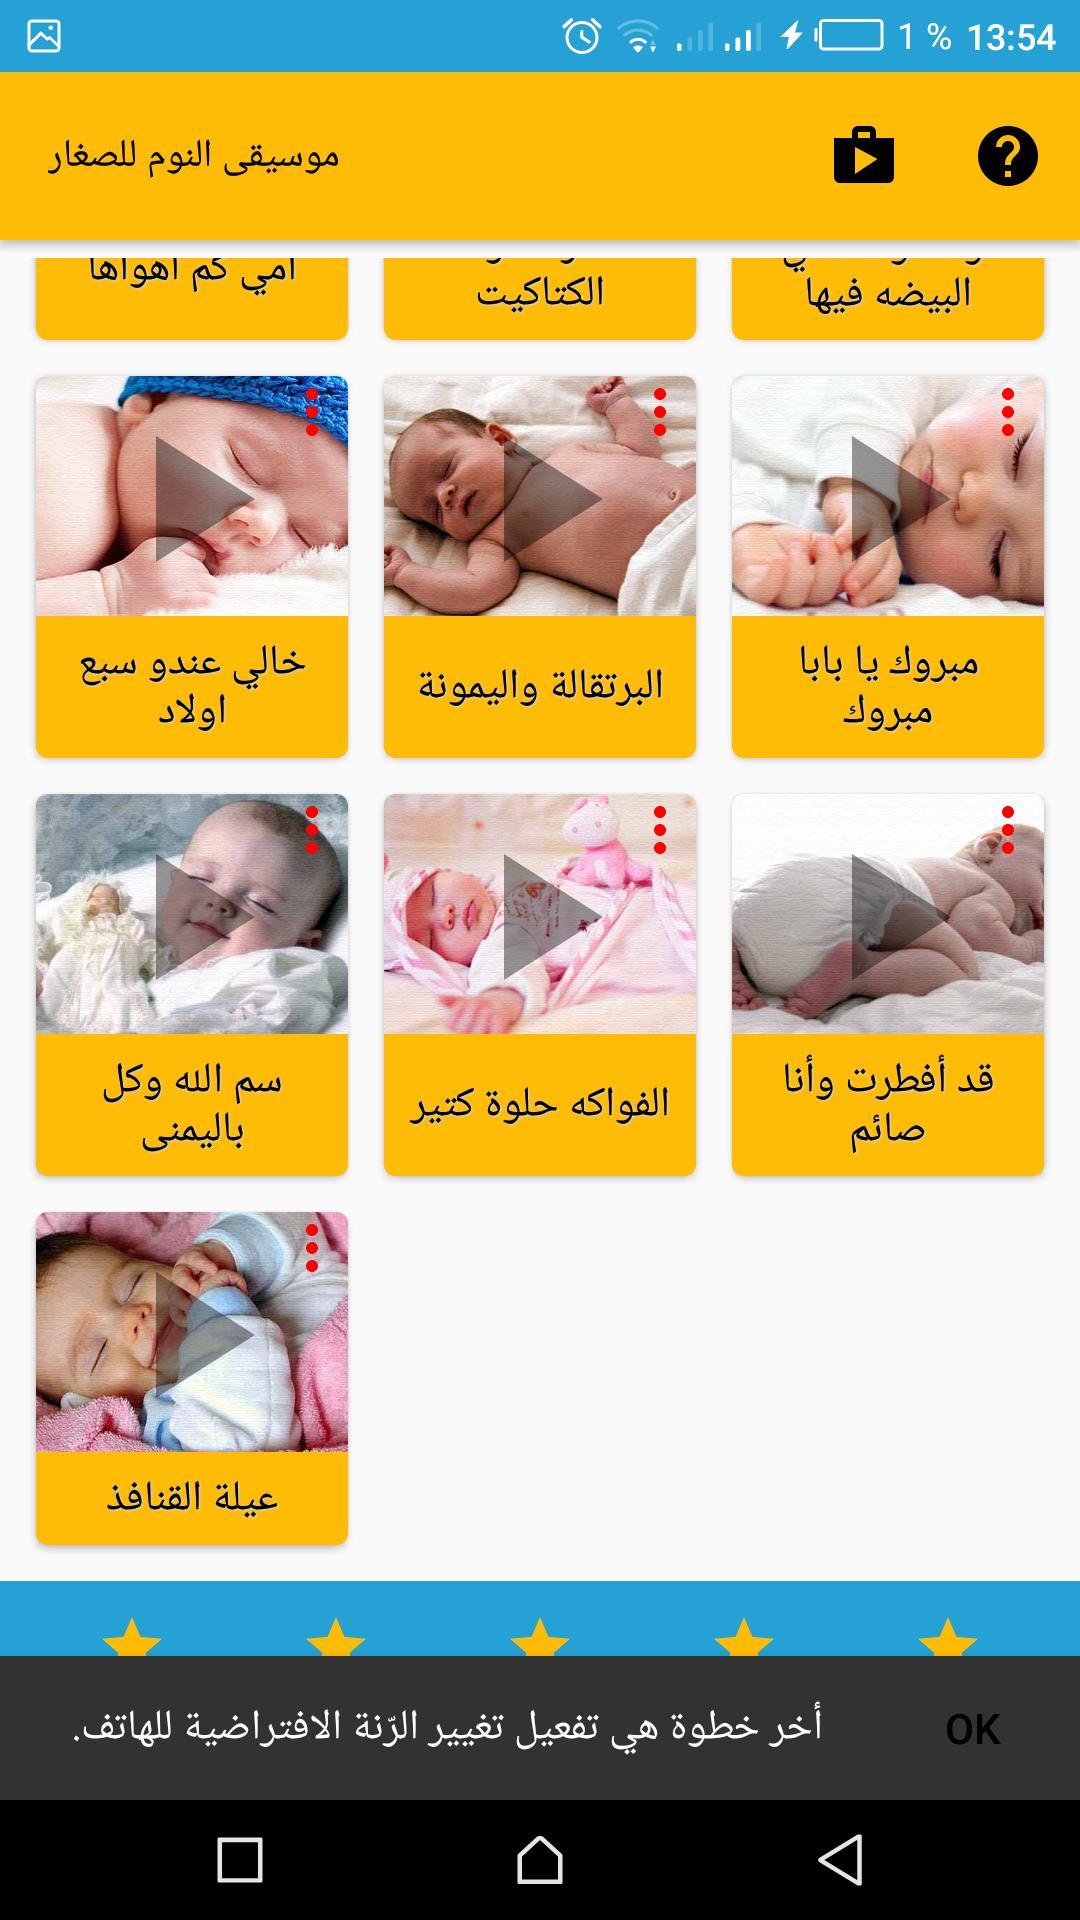 اناشيد و أغاني الاطفال للنوم Para Android Apk Baixar